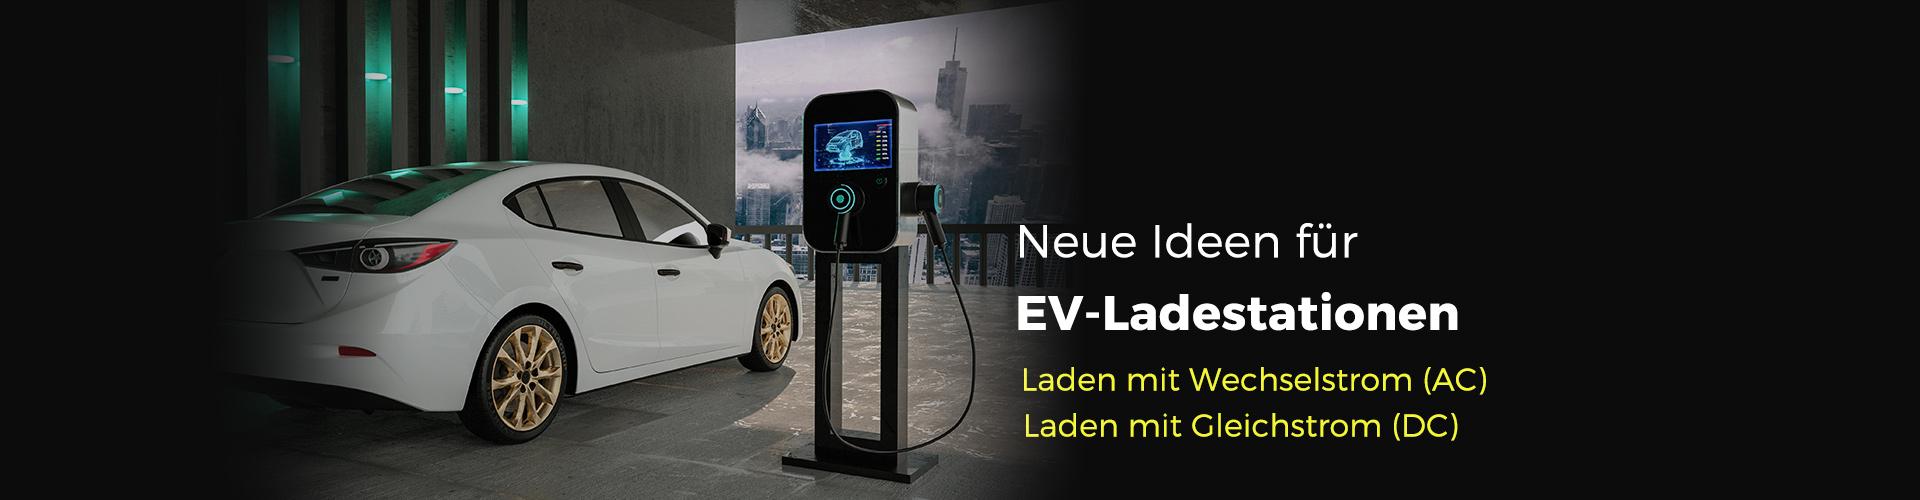 Neue Ideen für EV-Ladestationen Laden mit Wechselstrom (AC) Laden mit Gleichstrom (DC)